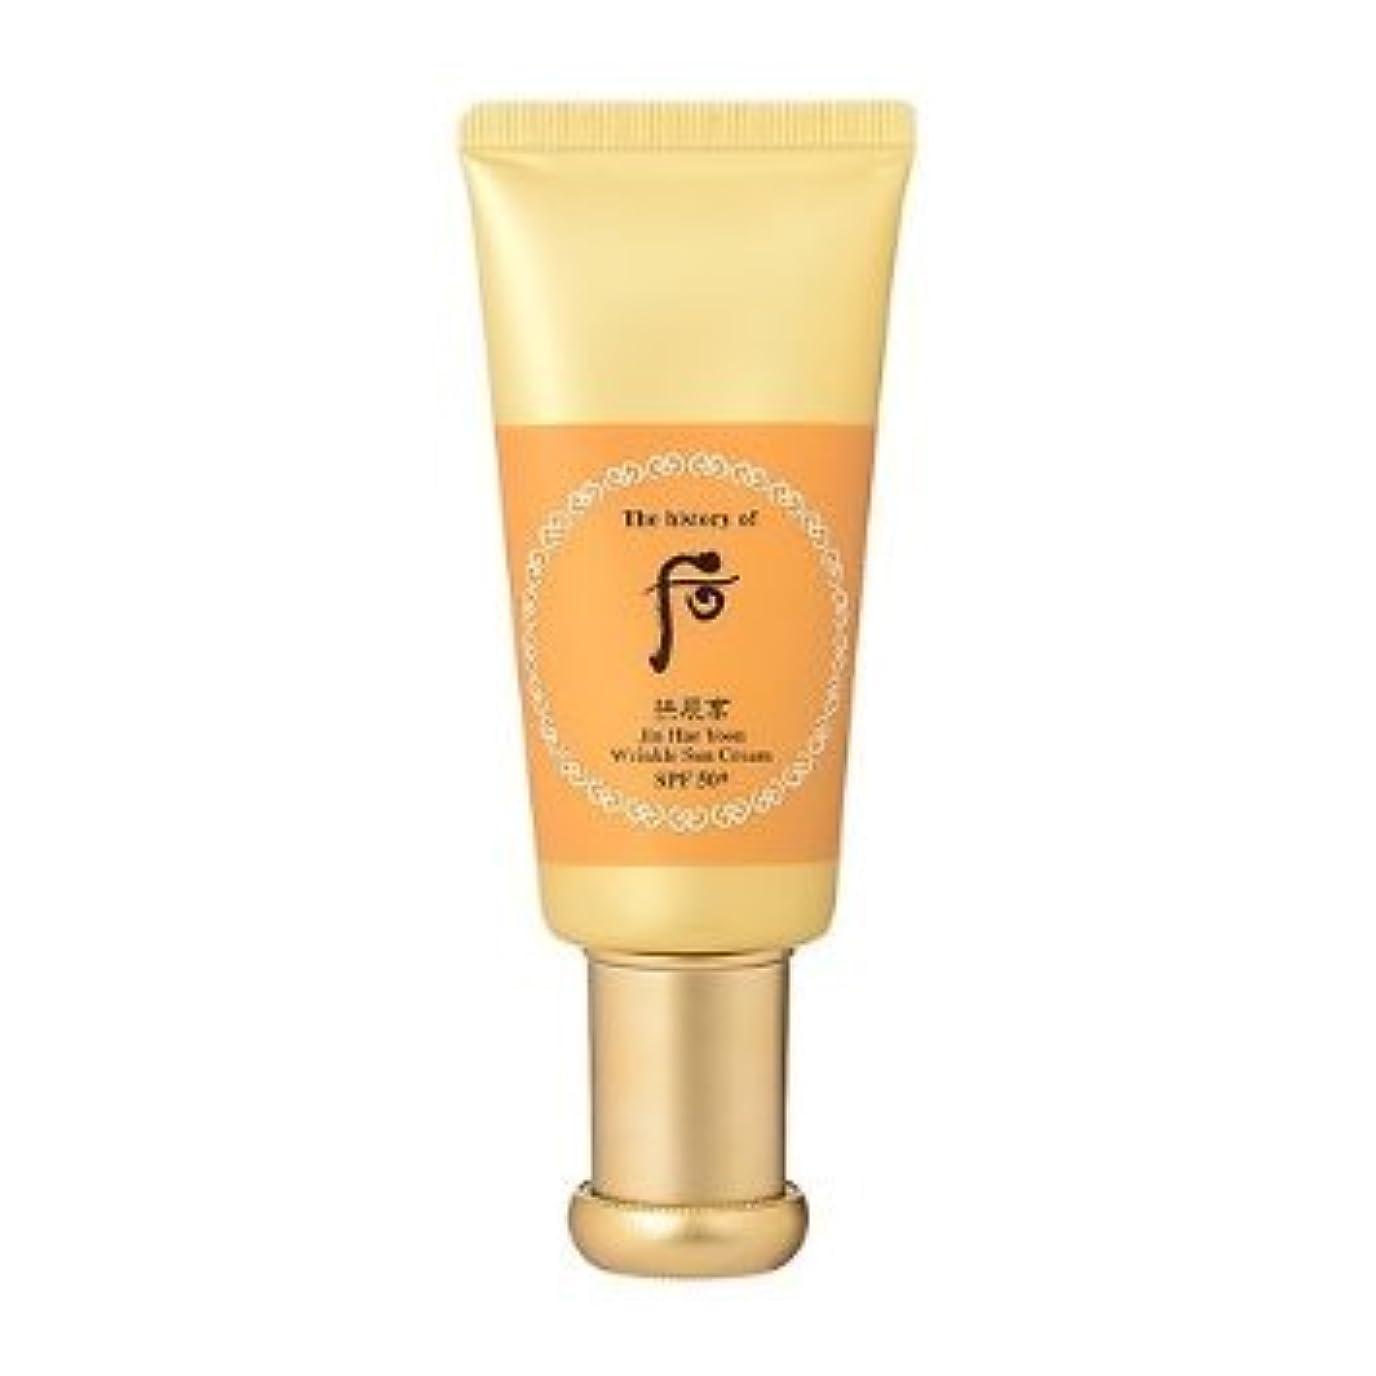 置き場閉塞アーティストThe History of Whoo Gongjinhyang Jin Hae Yoon Wrinkle Sun Cream(spf5-+ Pa+++) 50ml(SPF50+, PA+++) 15g x 2ea[行輸入品]